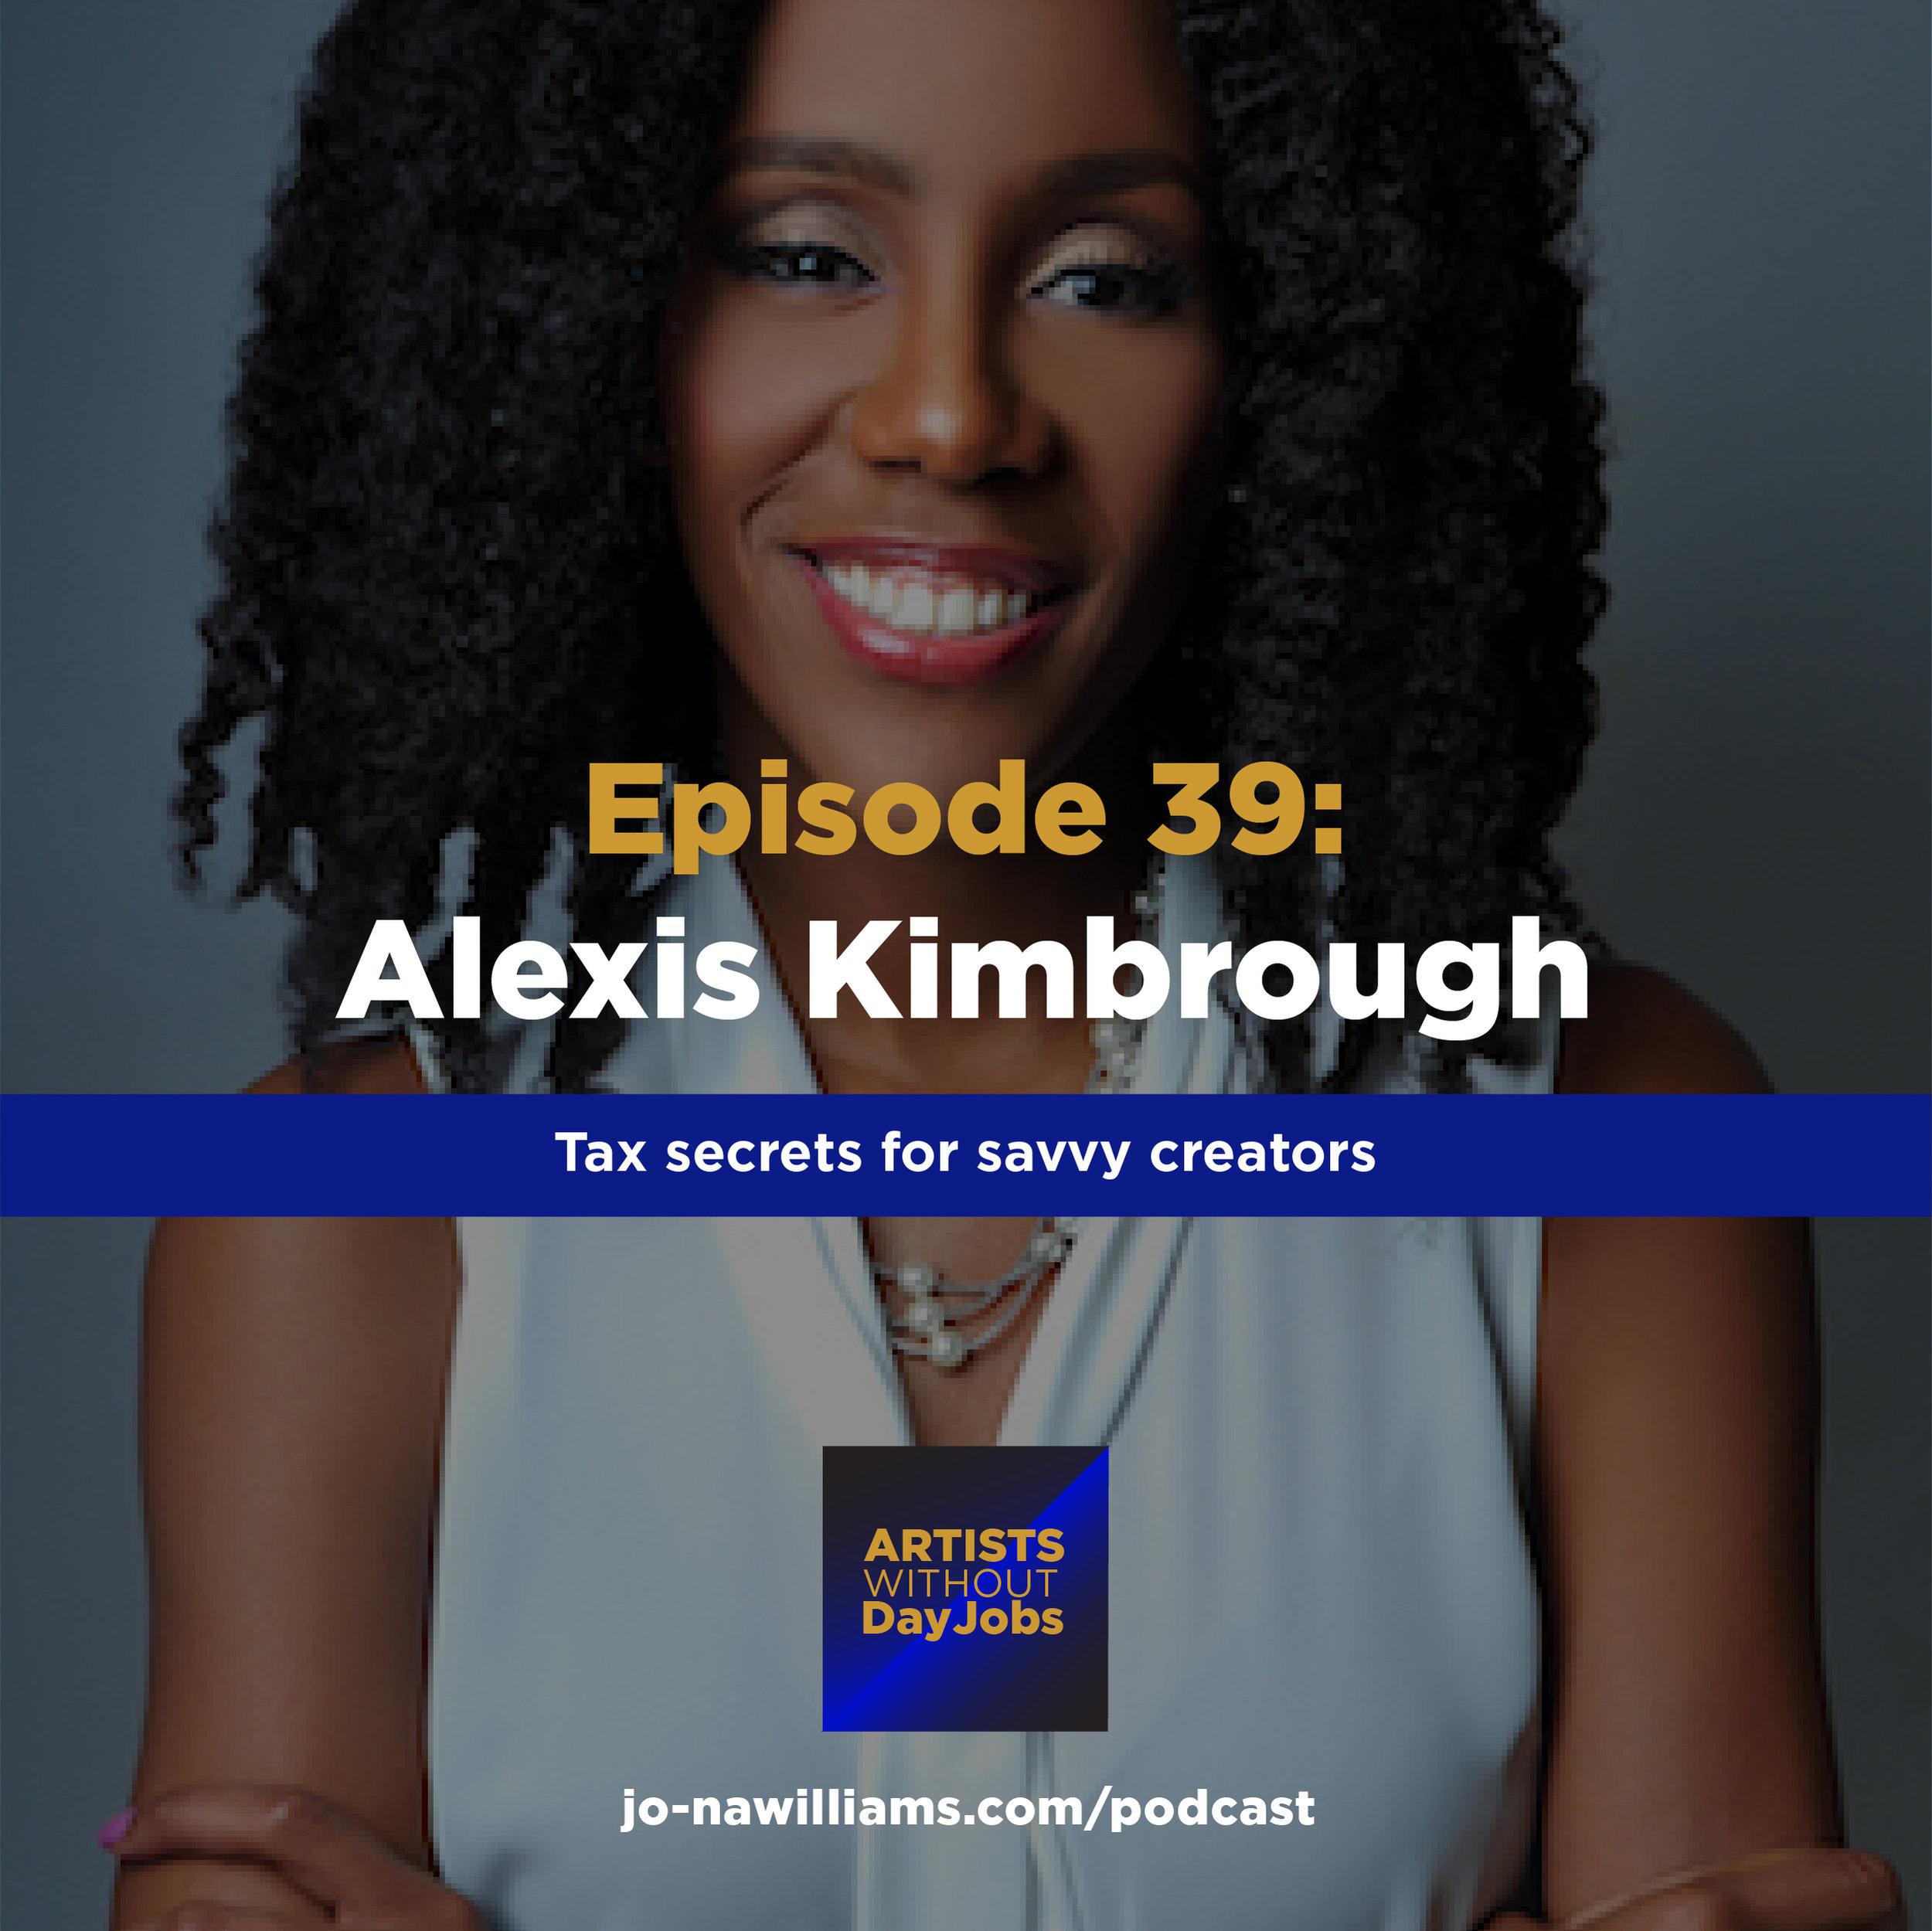 Alexis_Episode 39_template-01.jpg